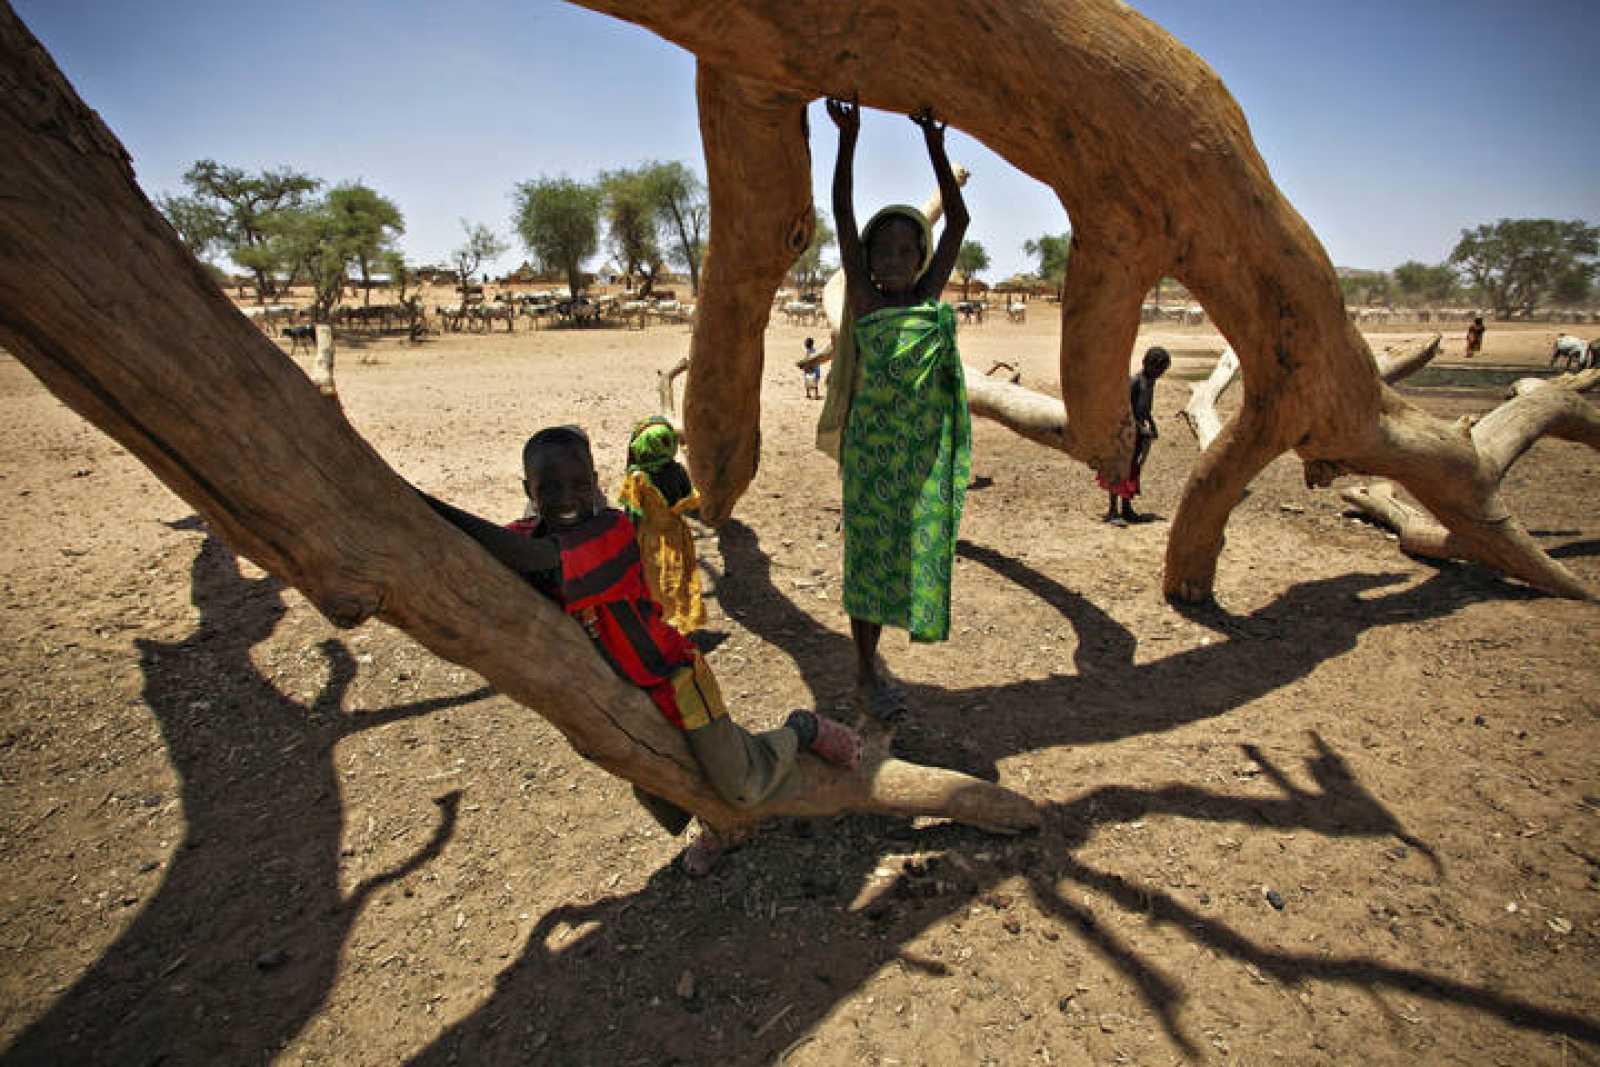 Tras seis años de guerra, en Darfur ha habido decenas de miles de muertos y más de dos millones y medio de desplazados.